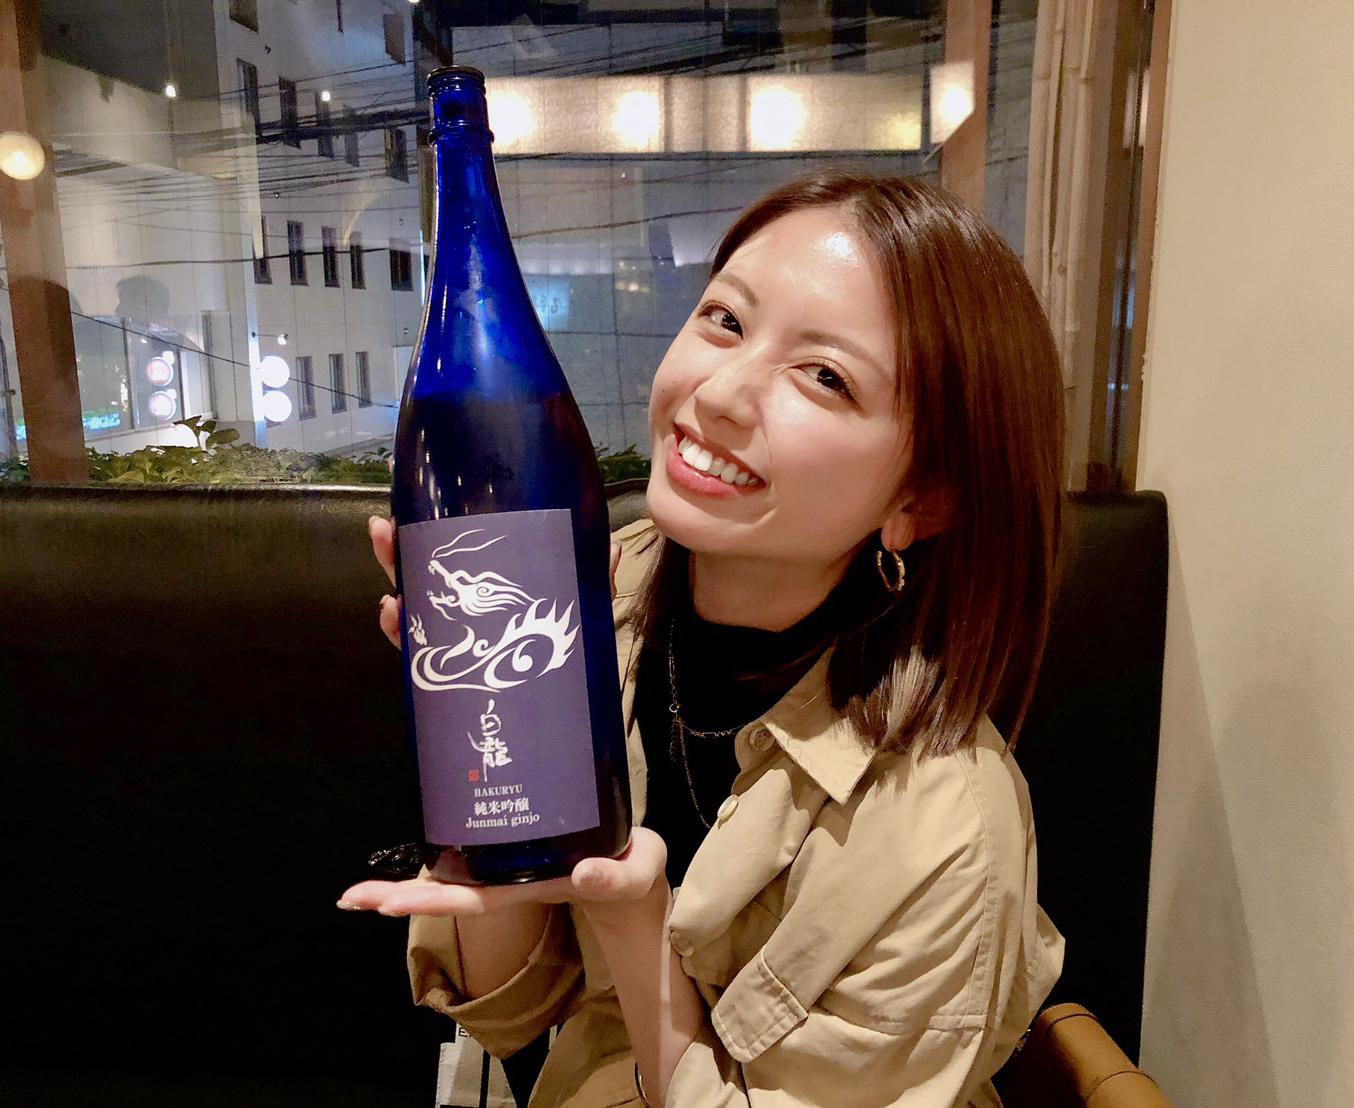 東京で福井を楽しんできたよ。郷土料理と地酒をたくさん味わった、楽しい夜でした。